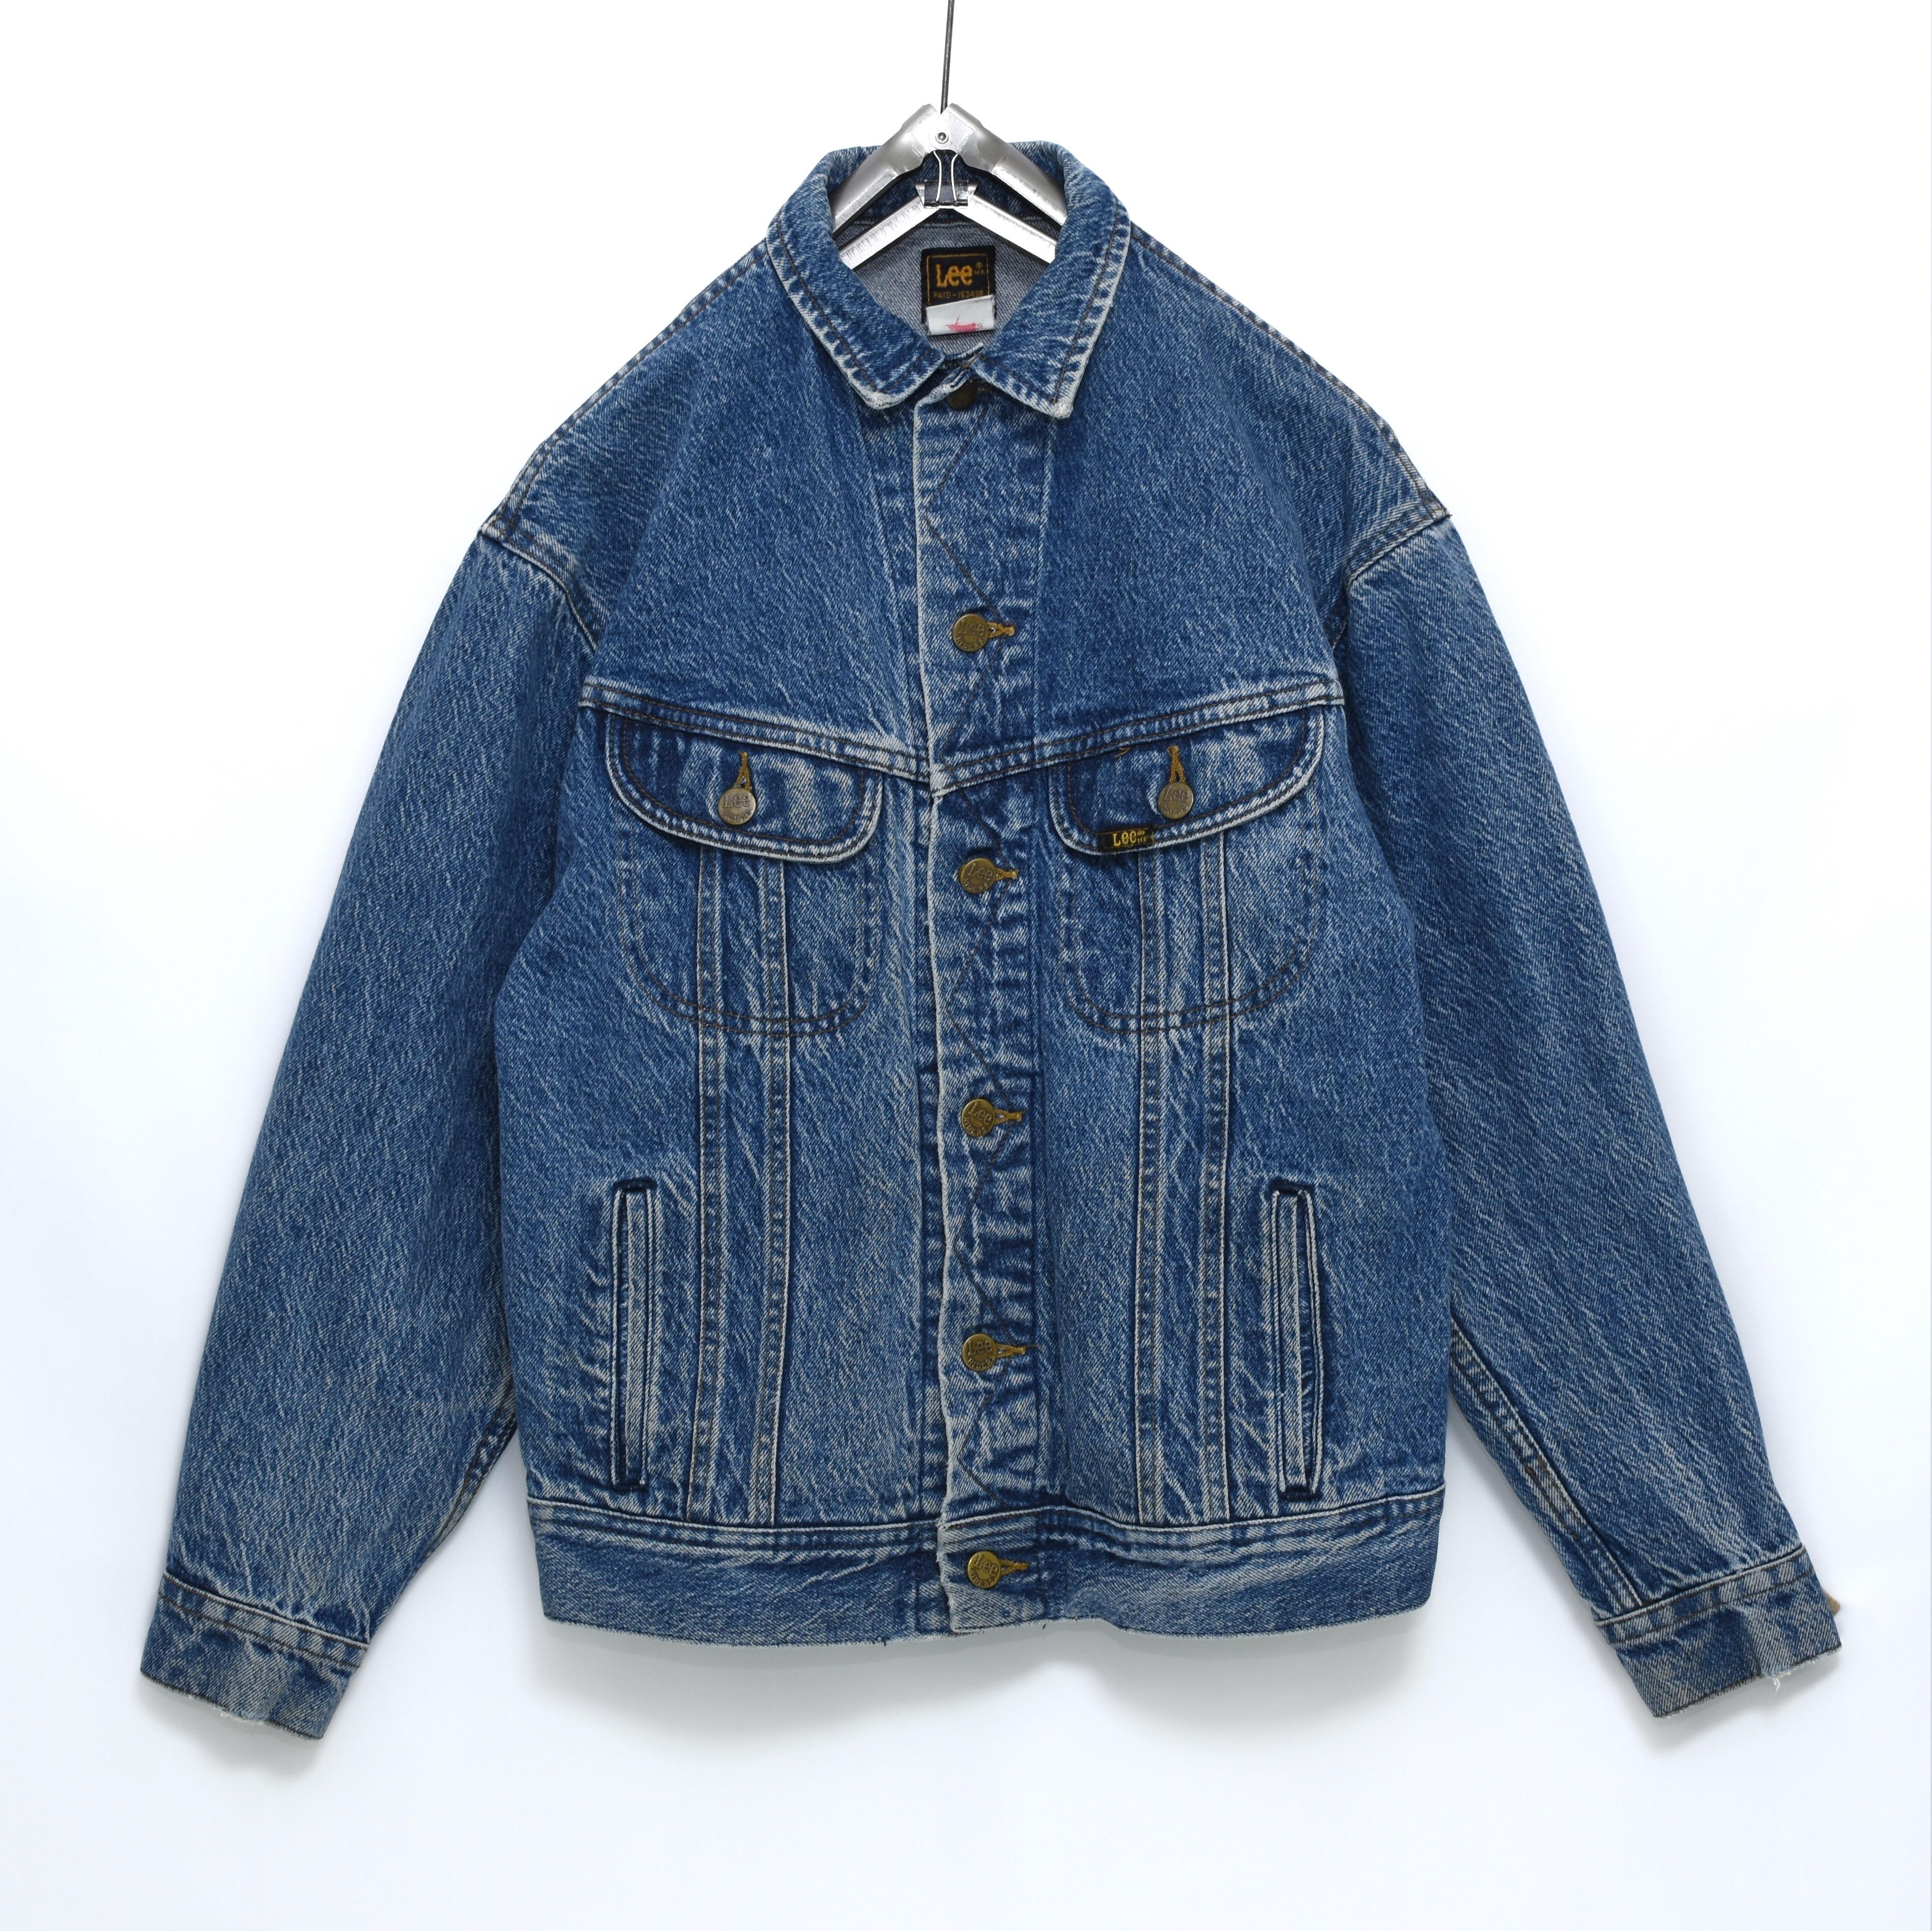 Lee PATD-153438 デニムジャケット サイドポケット付き Gジャン